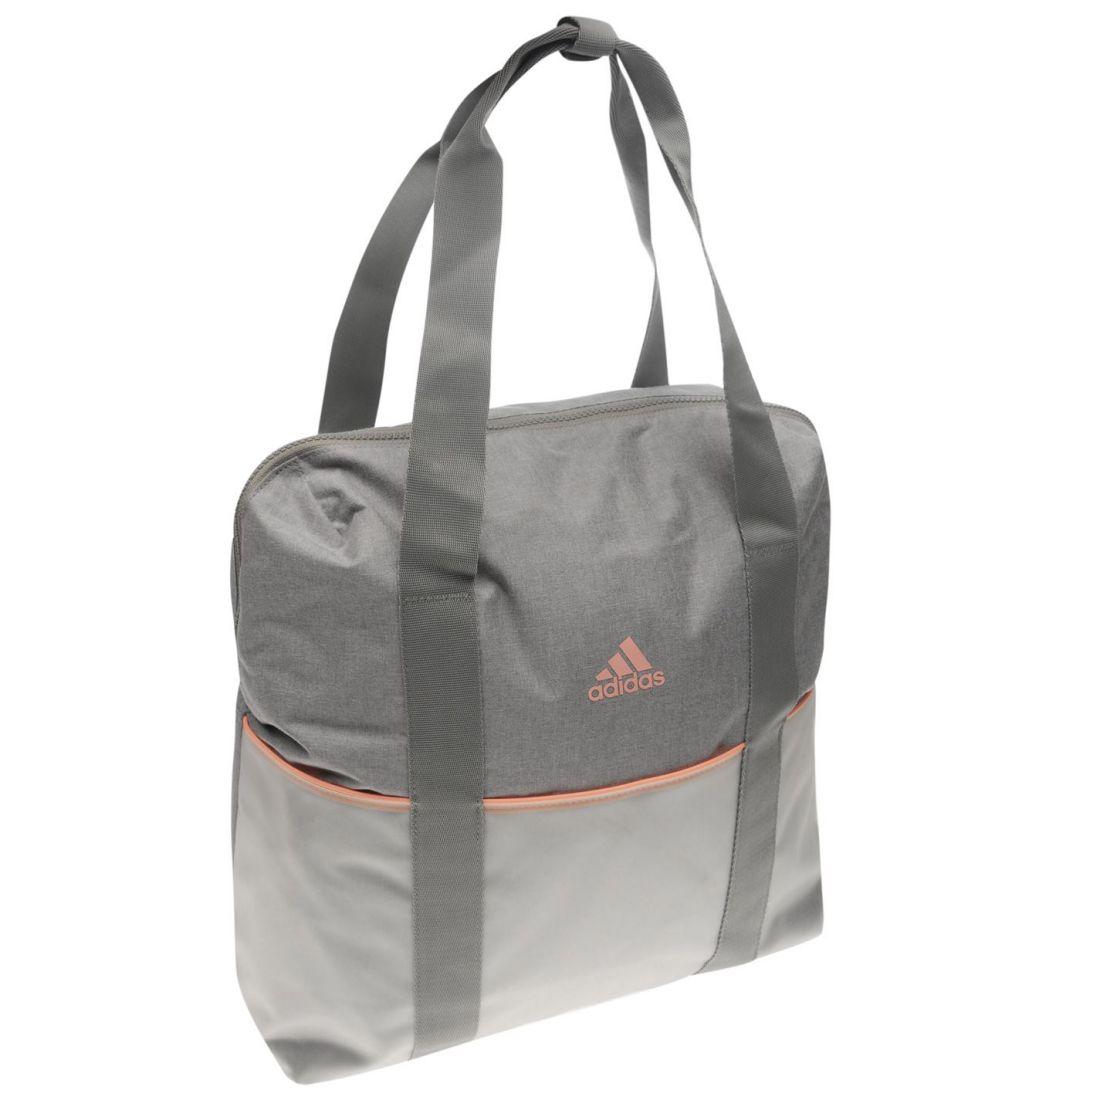 5e615e2fb7 adidas ID Tote Bag Case Sack Holdall Ladies Back Zip Mesh ...